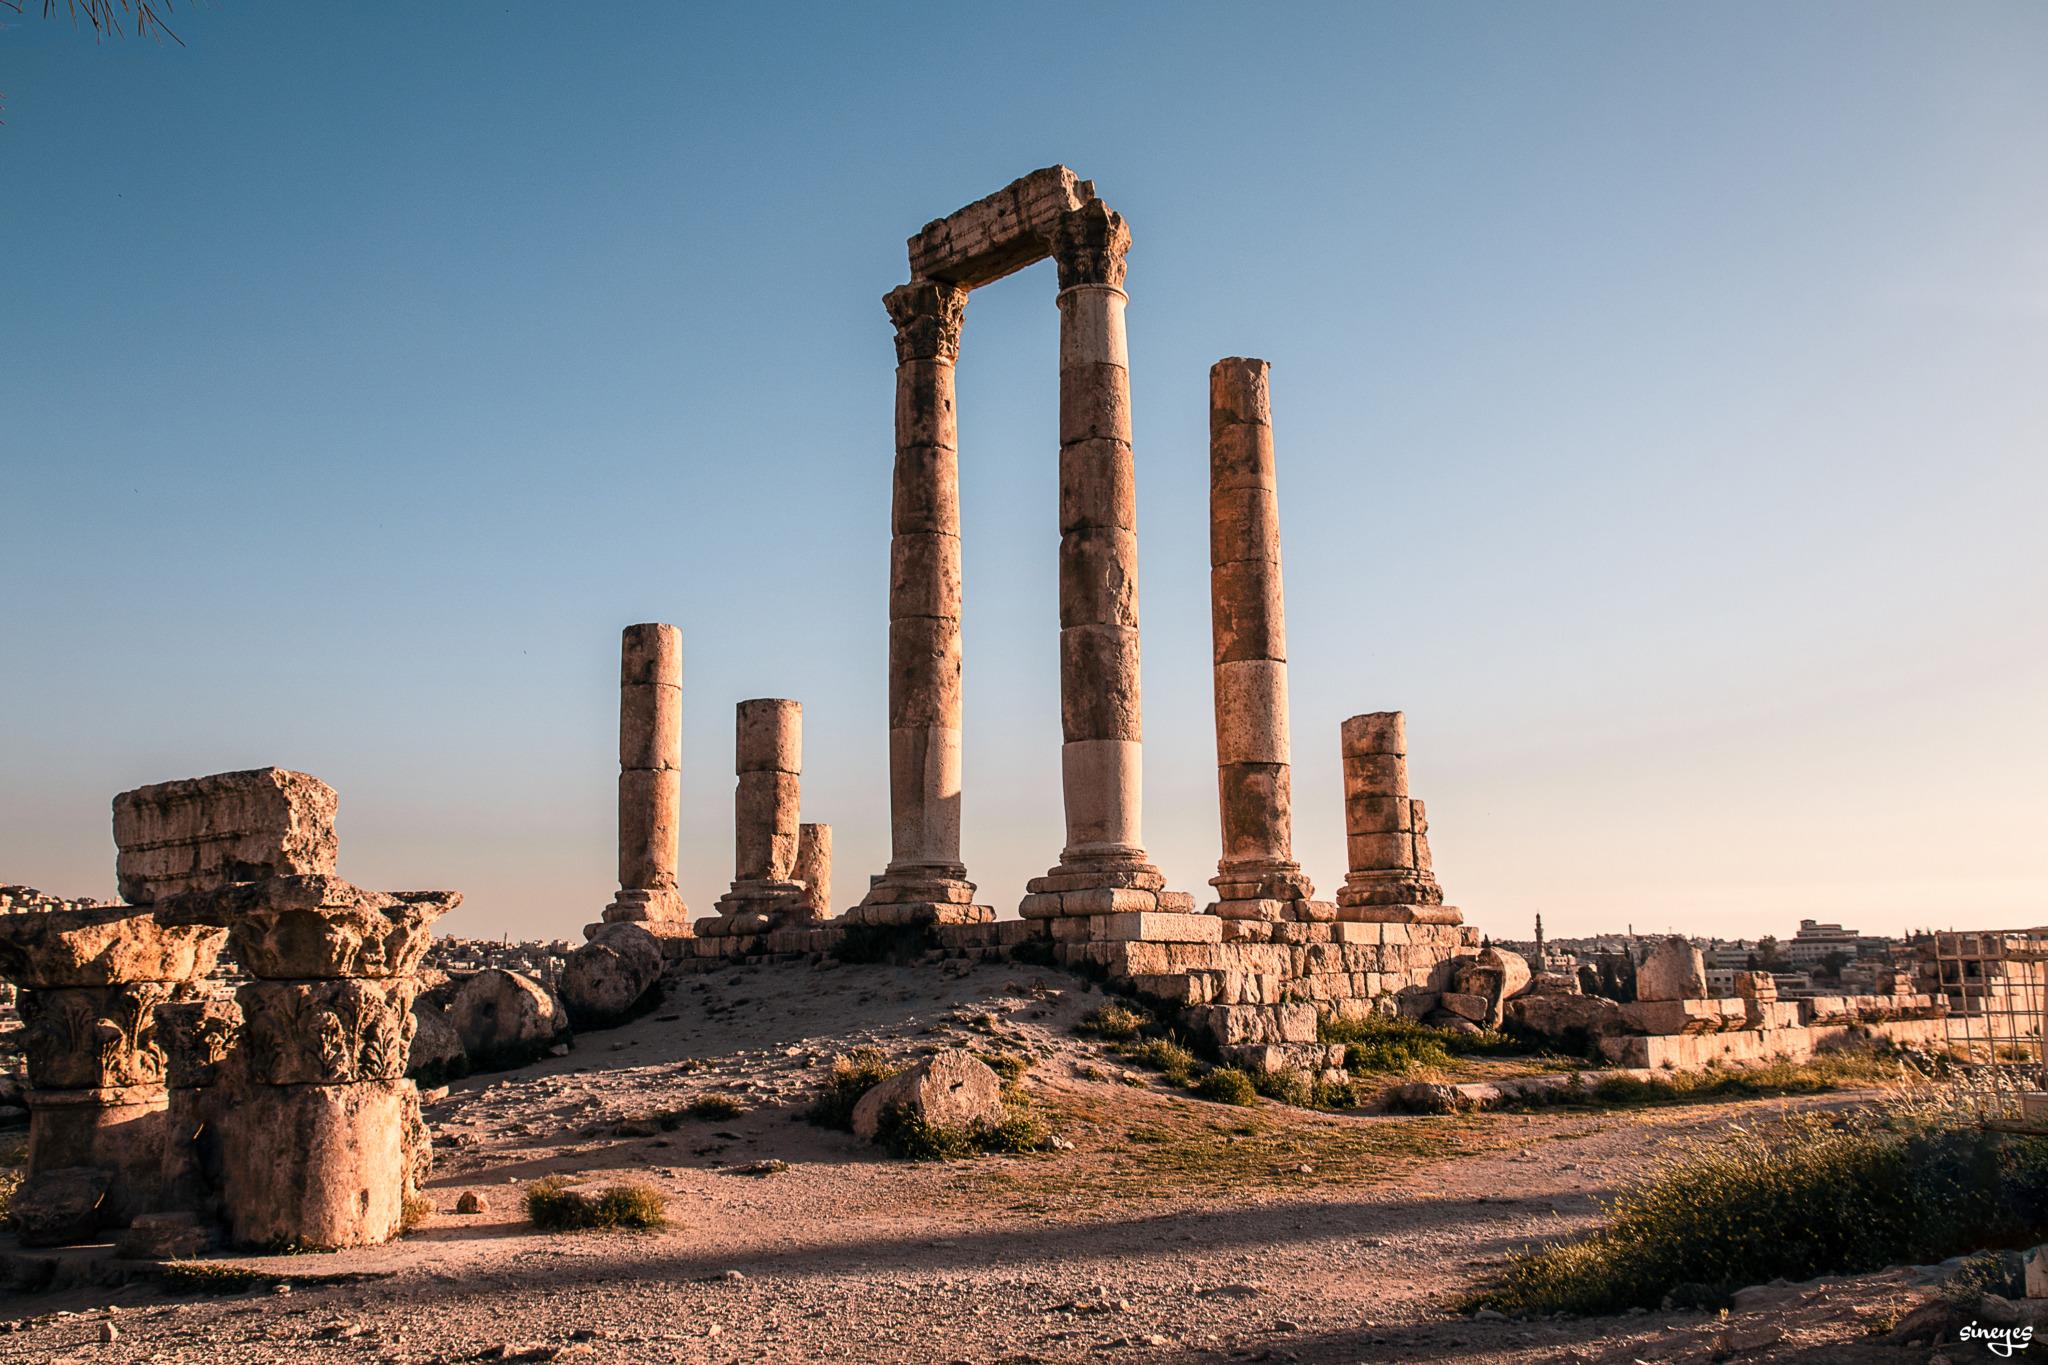 Amman by sineyes